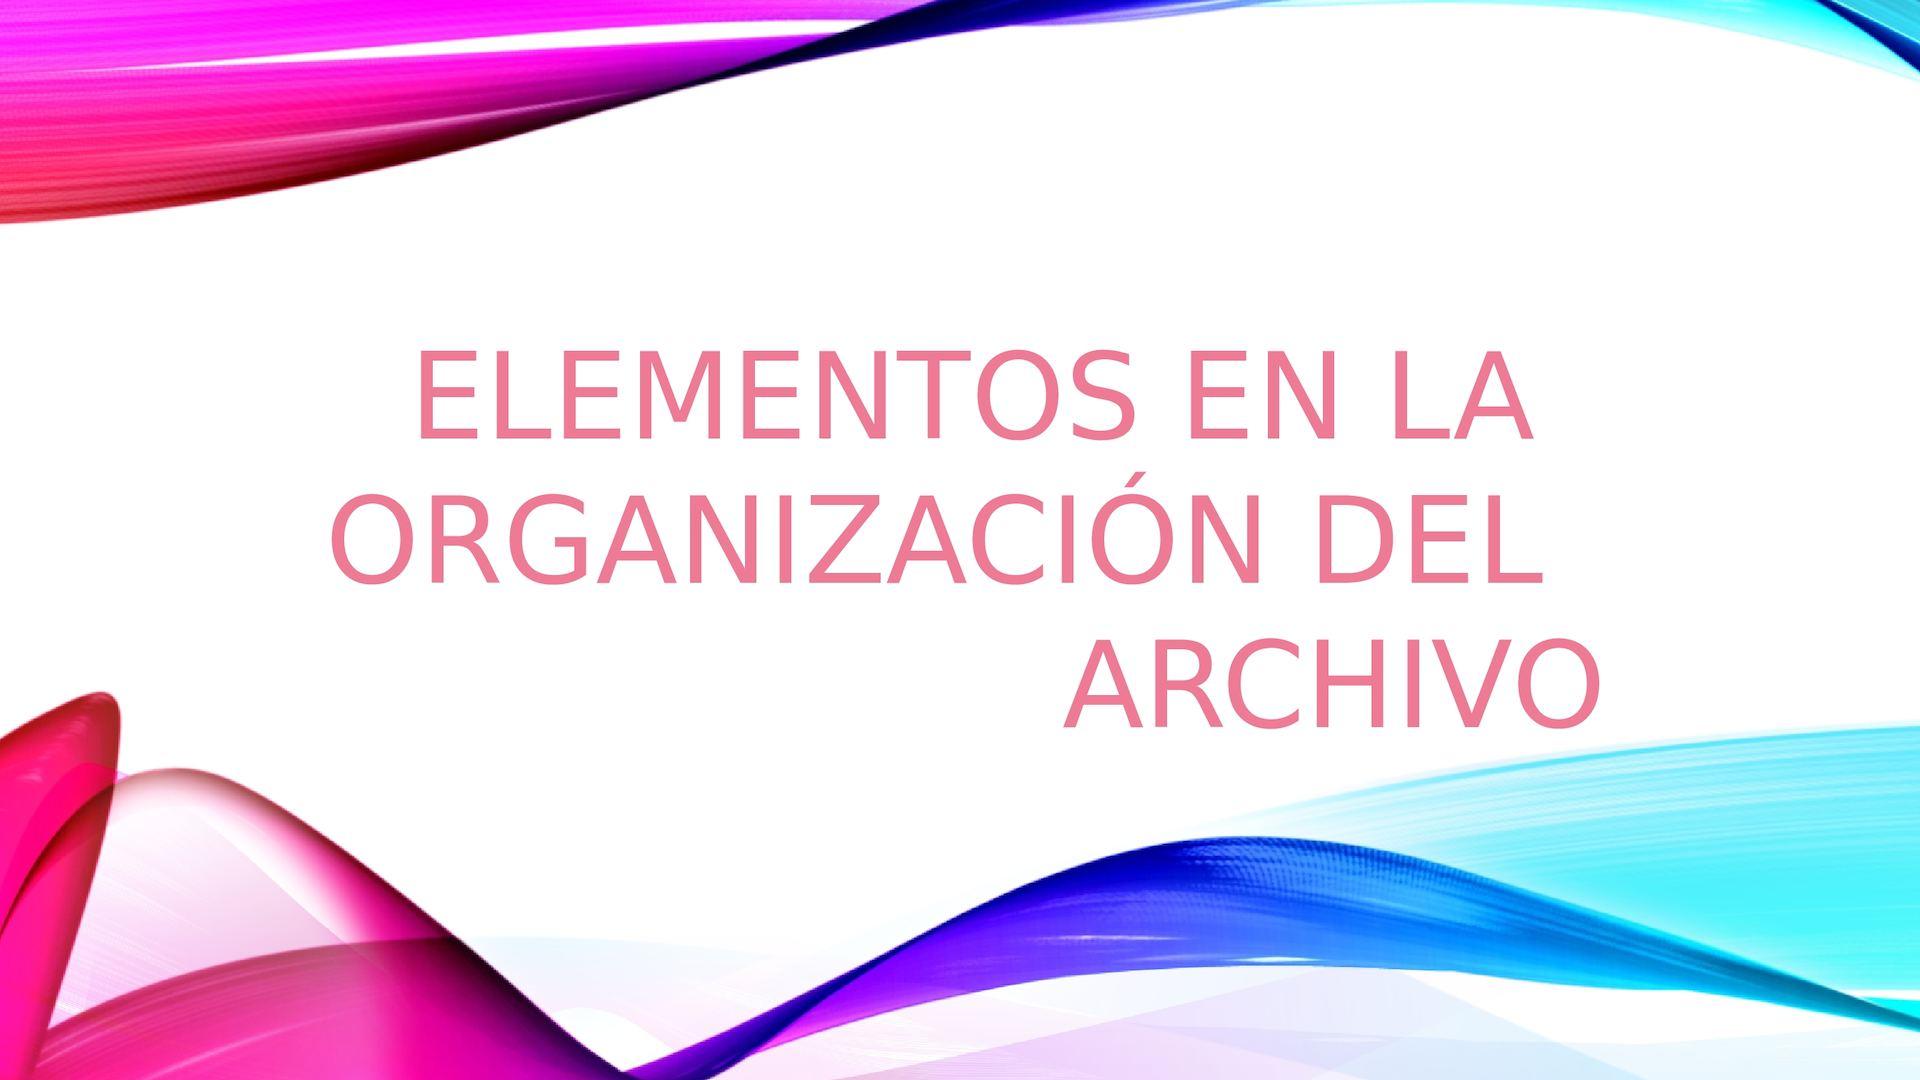 Elementos En La Organización Del Archivo